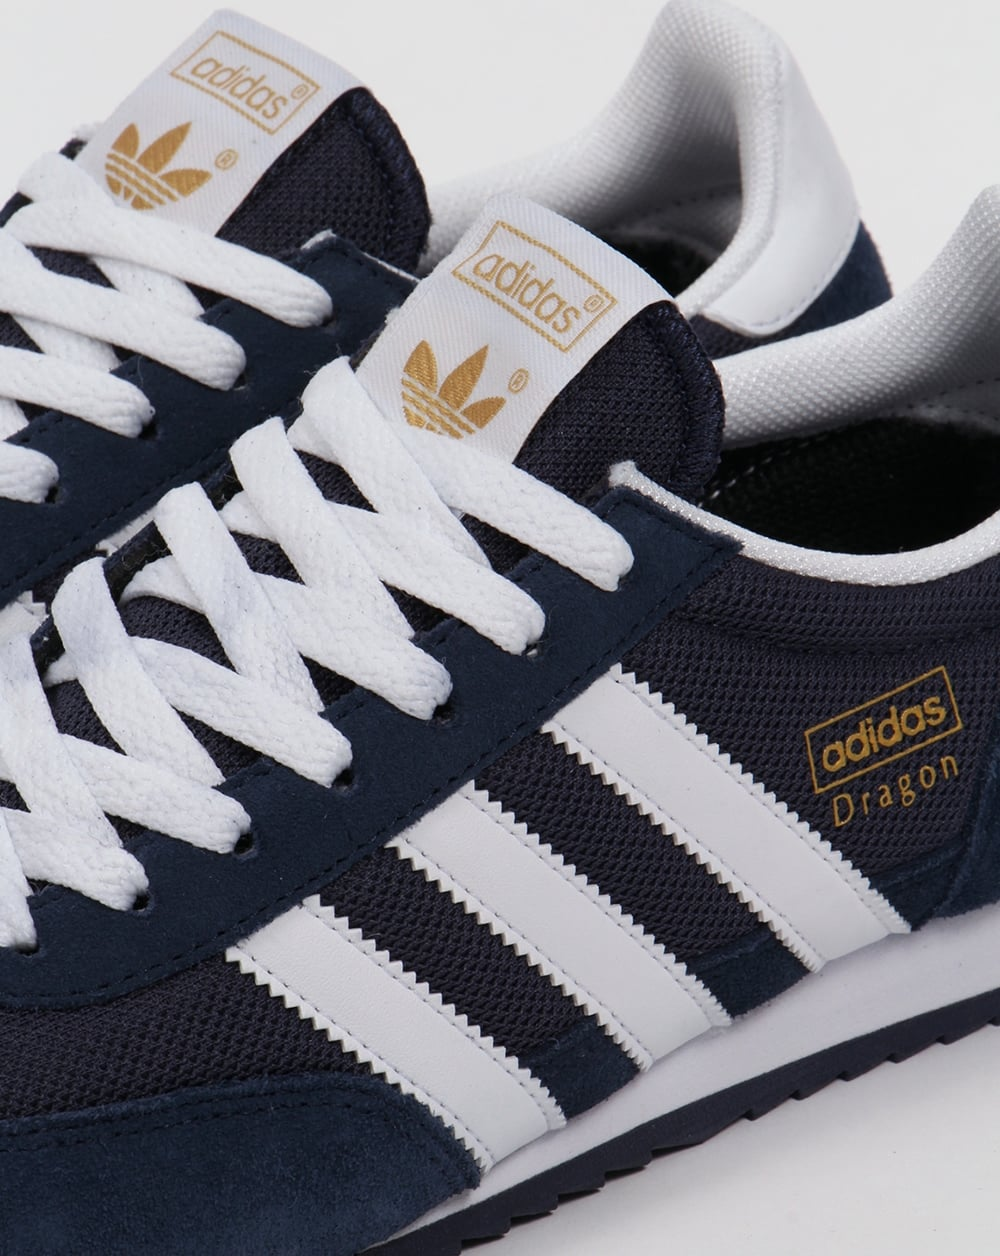 adidas dragon shoes blue